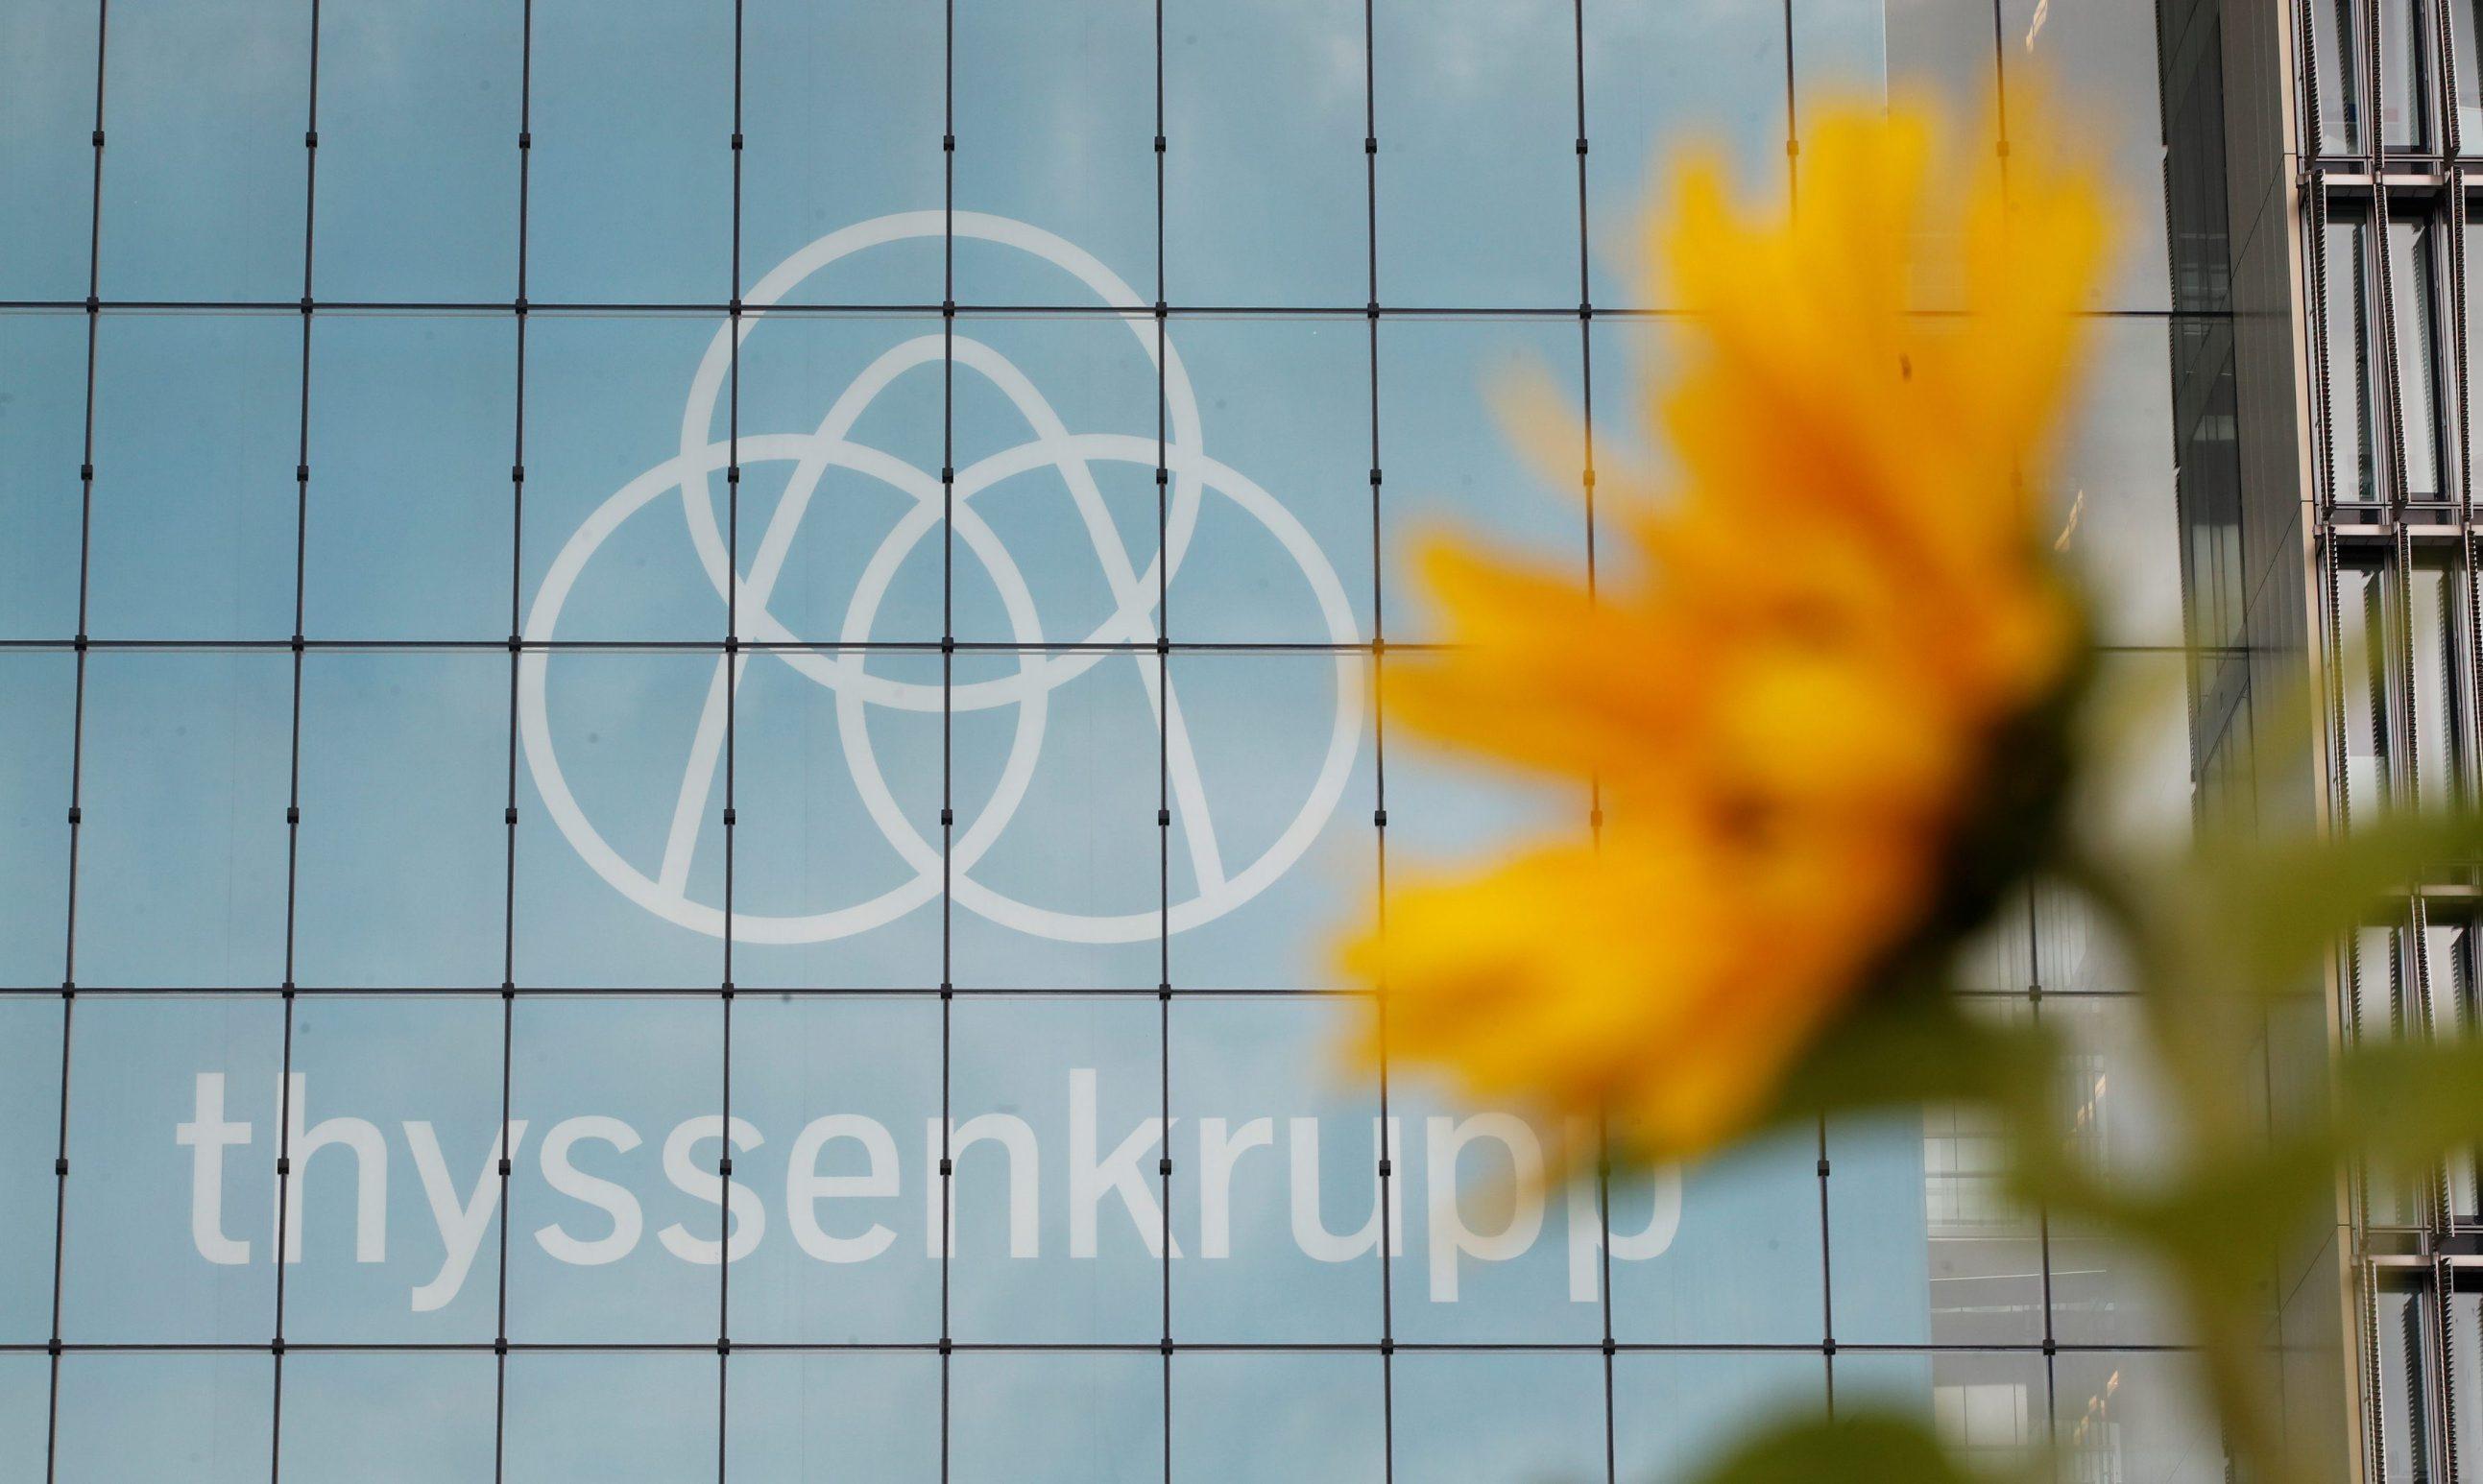 Logotip tvrtke ThyssenKrupp na zgradi sjedišta u Essenu, Njemačka